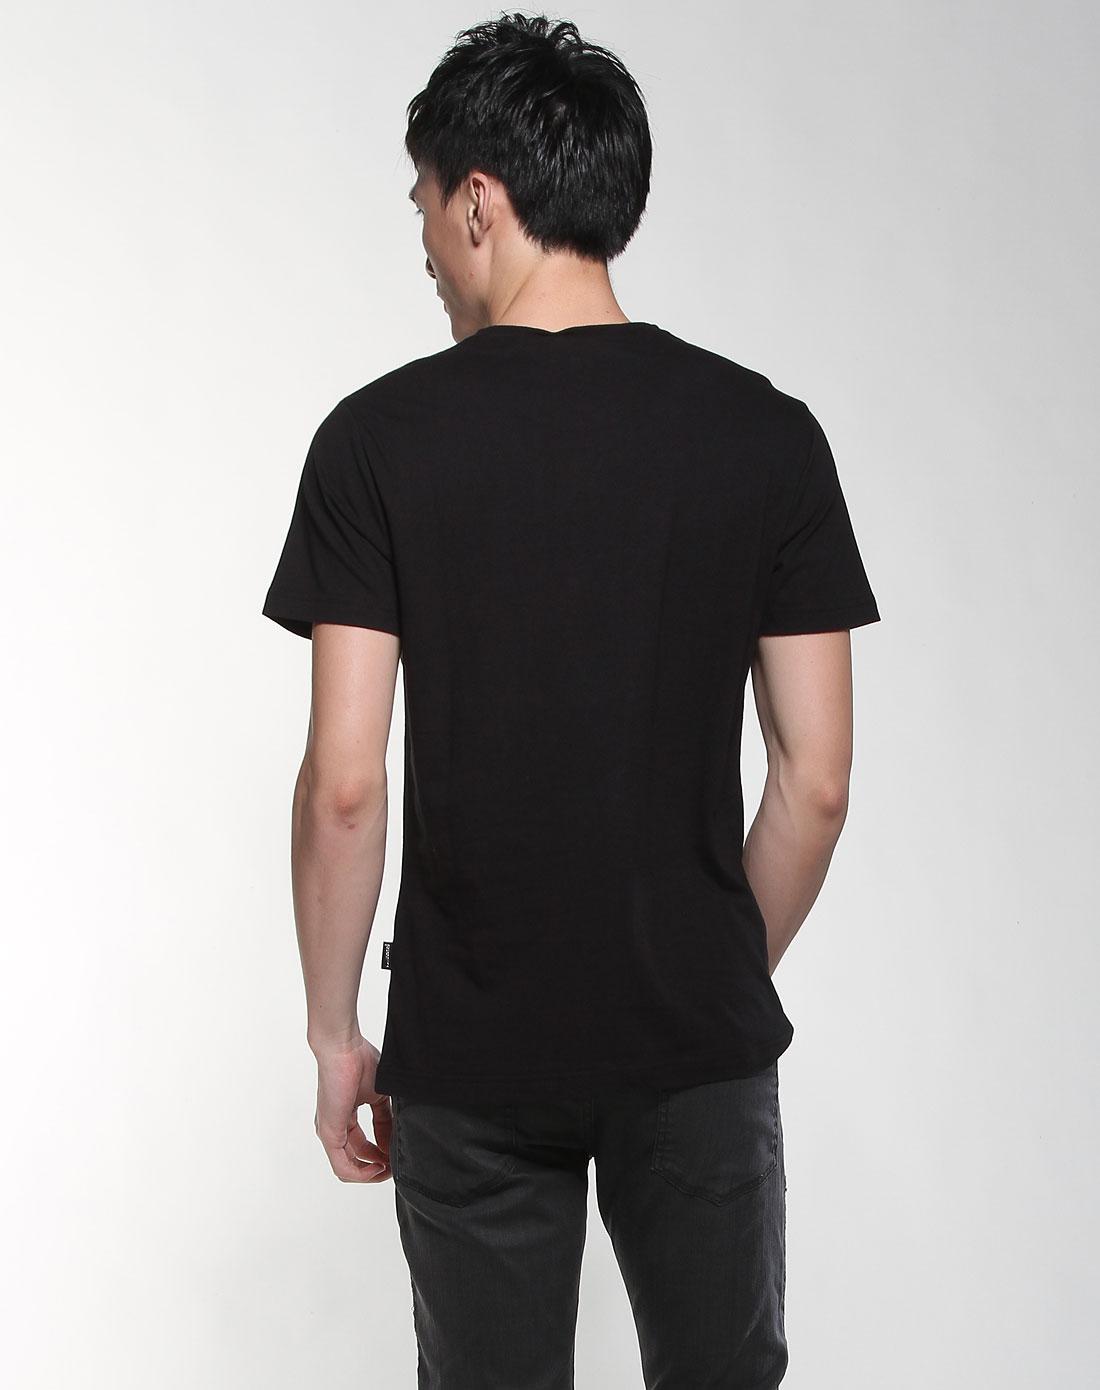 黑色时尚印图短袖t恤